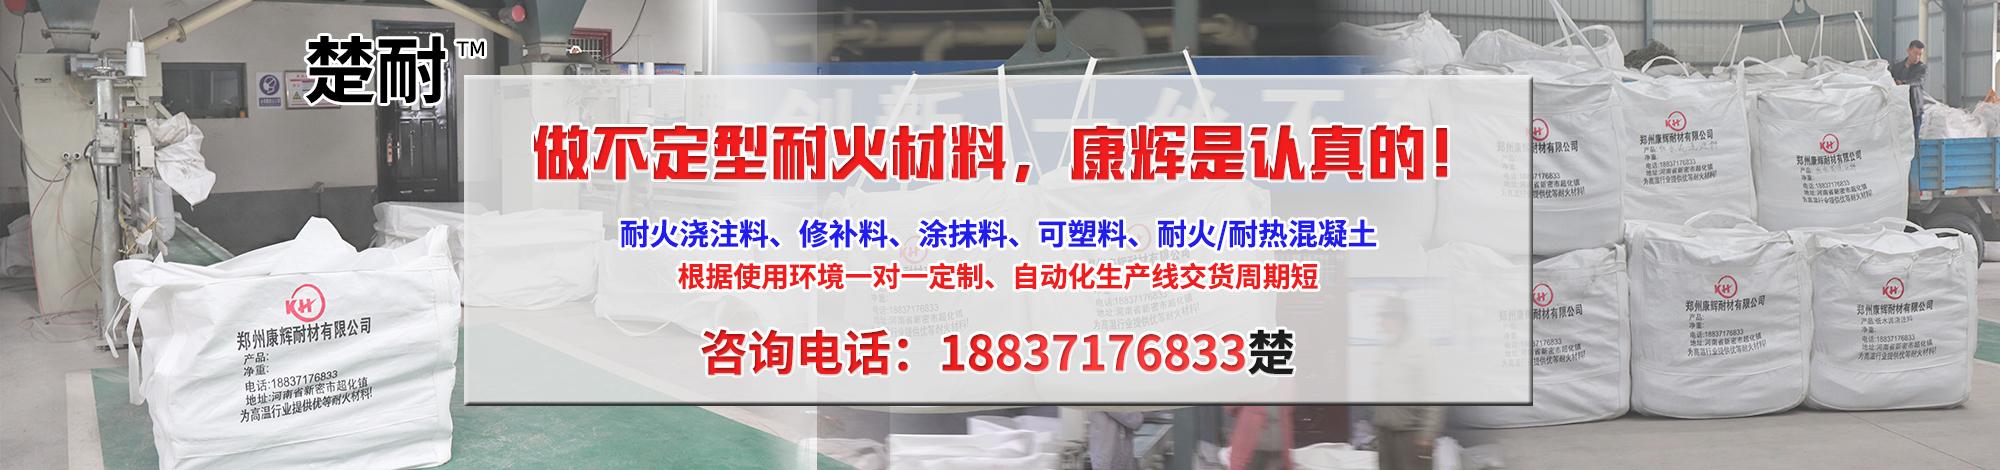 郑州康辉耐材有限公司